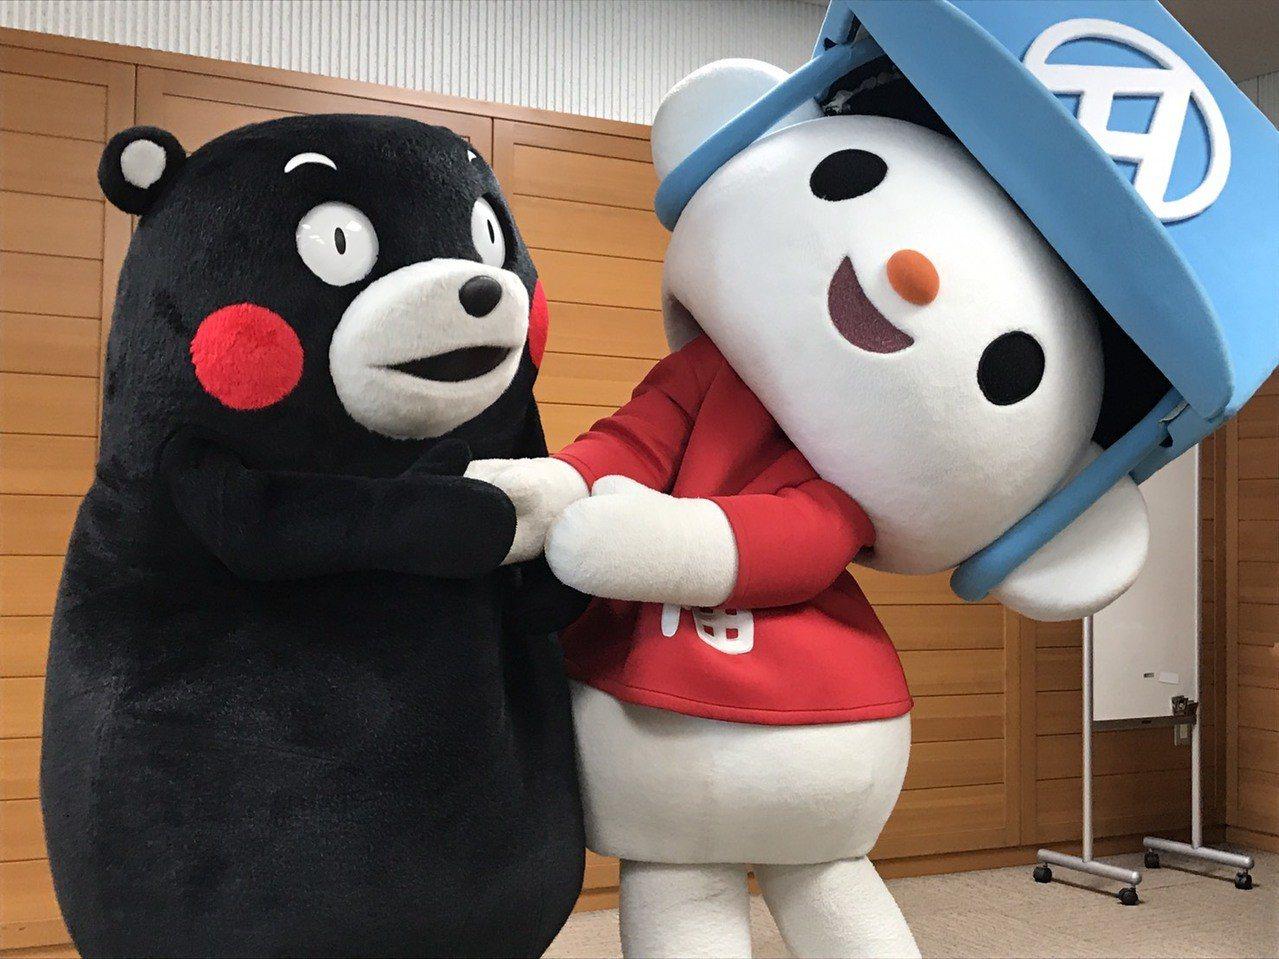 國內外人氣都響亮的「熊本熊」,親自出來接待來自台灣的「全聯福利熊」,兩熊首度相見...